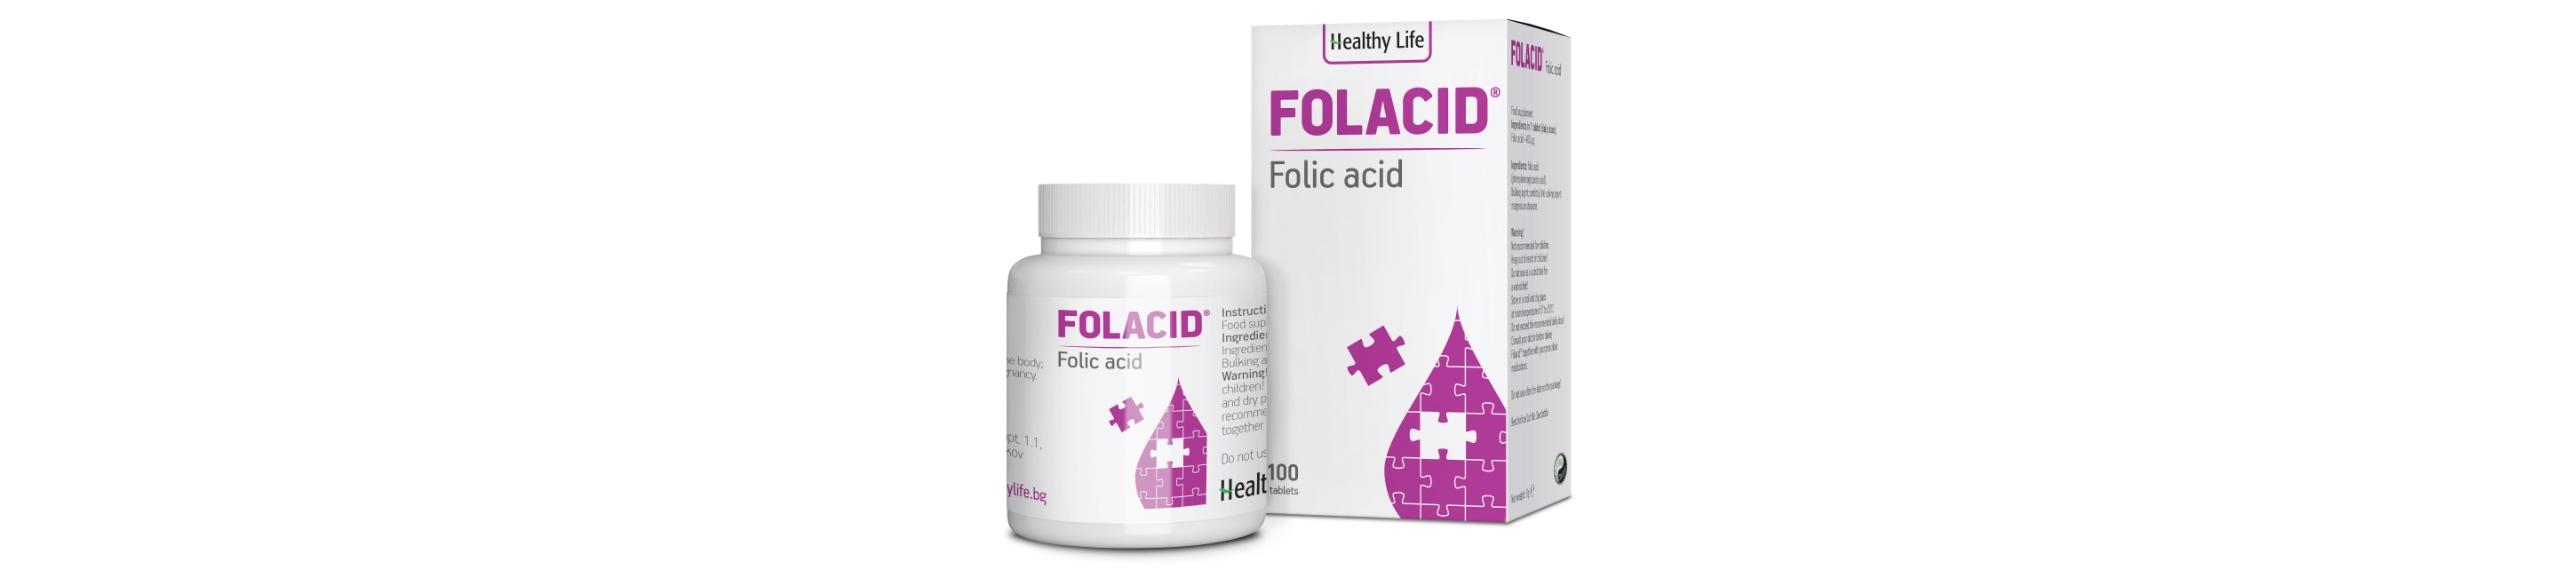 P3-Slider-img-Folacid1